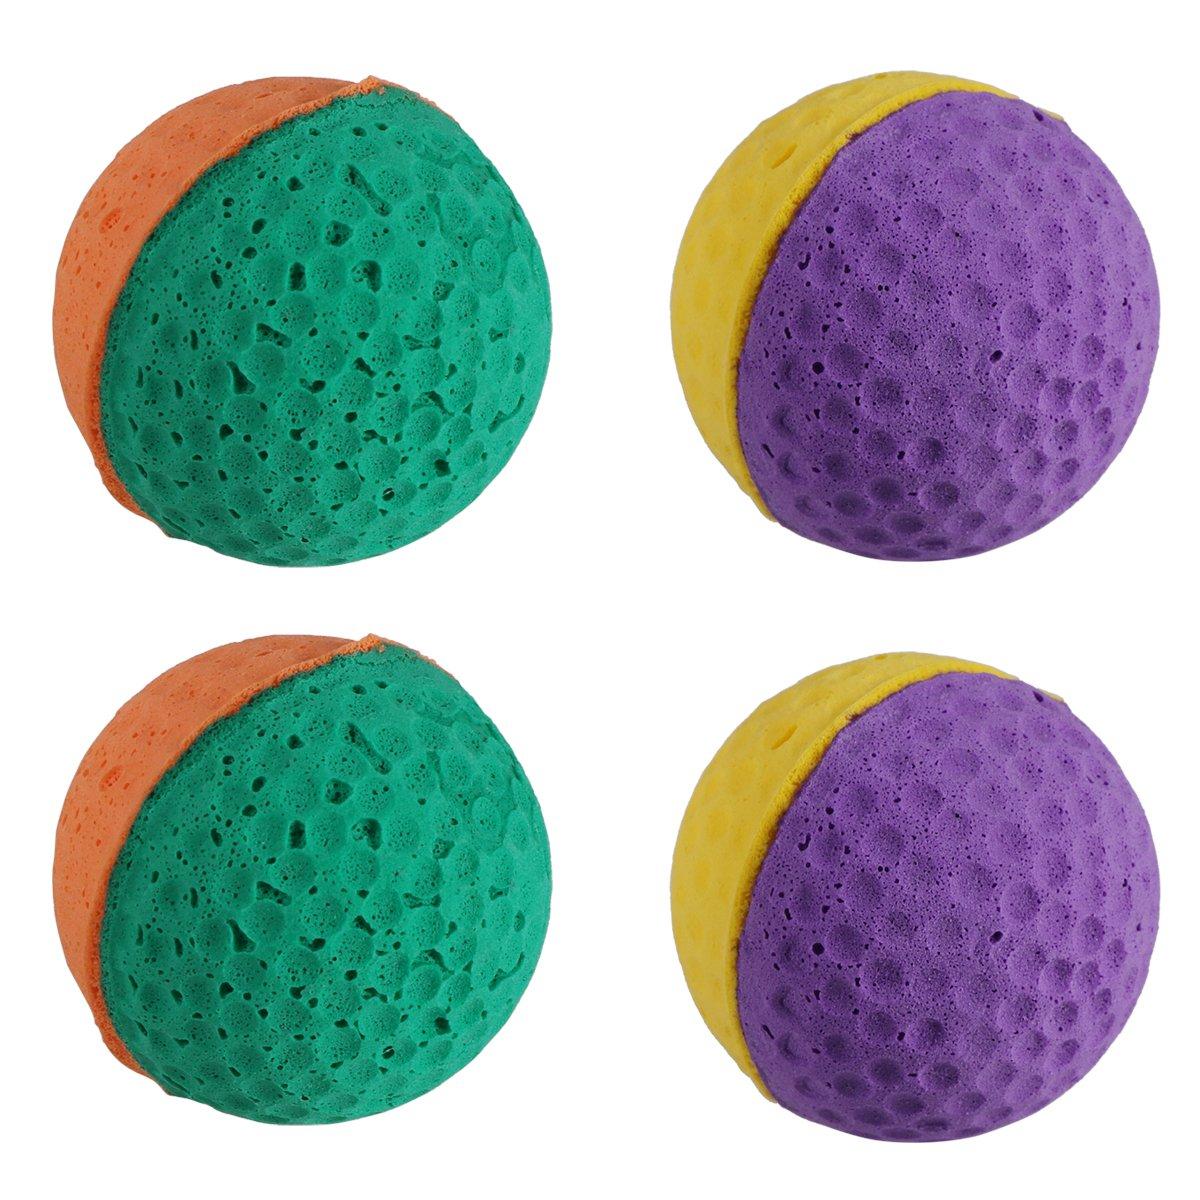 Ueetek 4pcs mignon Boule de latex jouet pour animaux domestiques éponge Balles Kitty chaton Catcher Jouets (couleur aléatoire)